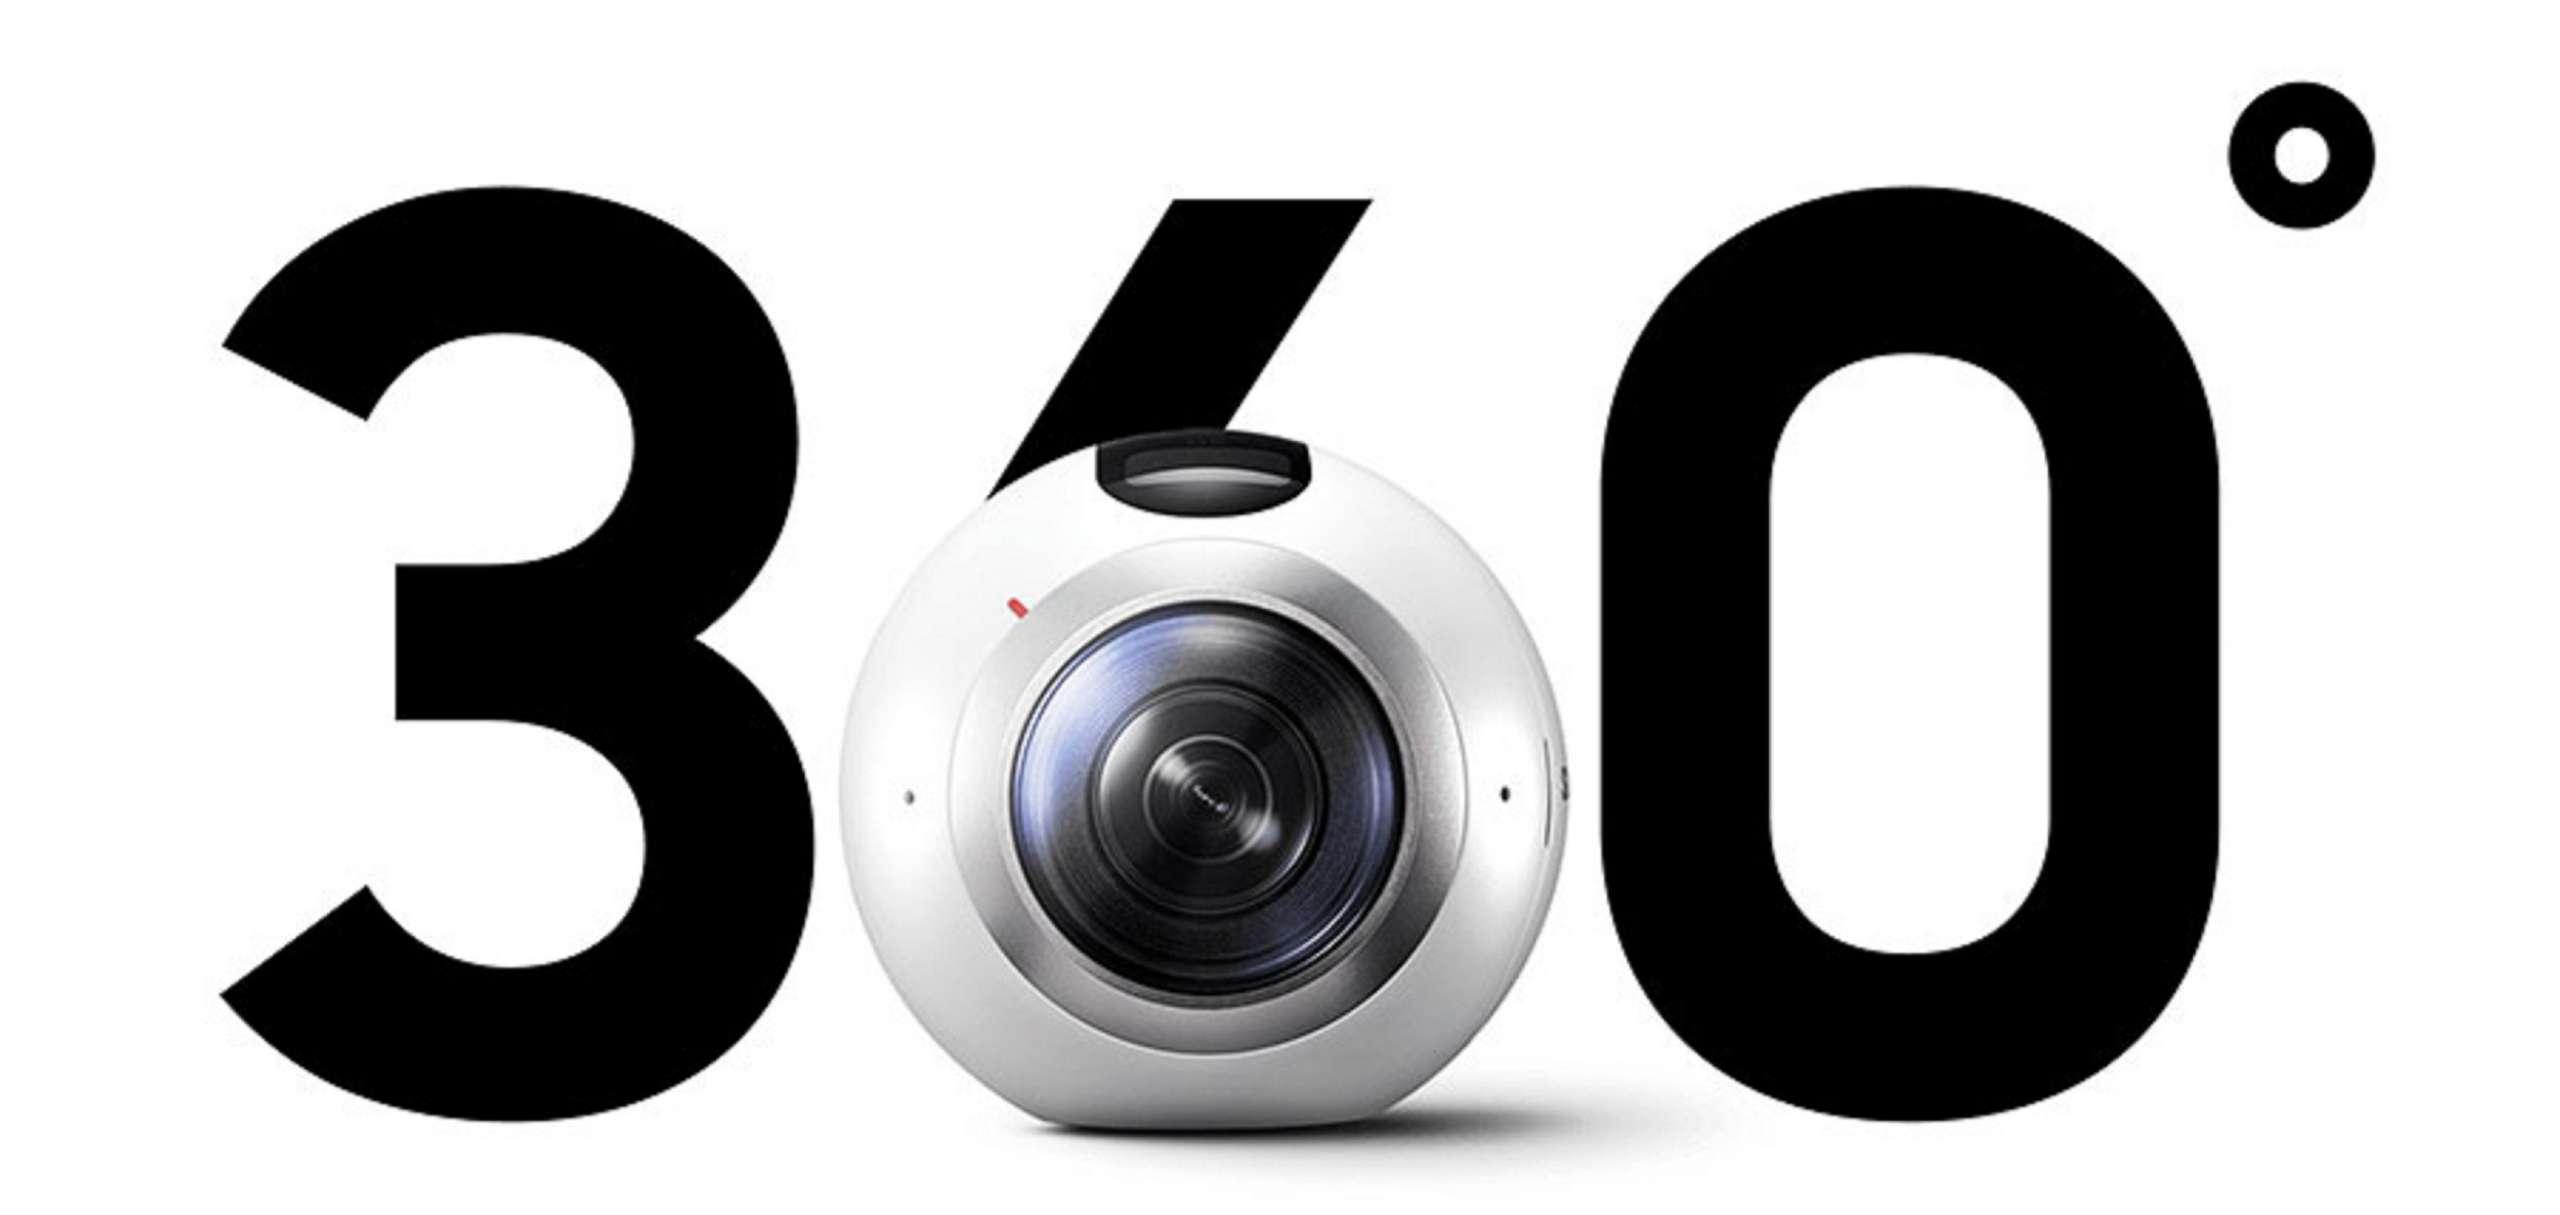 Comment lire une vidéo 360 sur pc ?